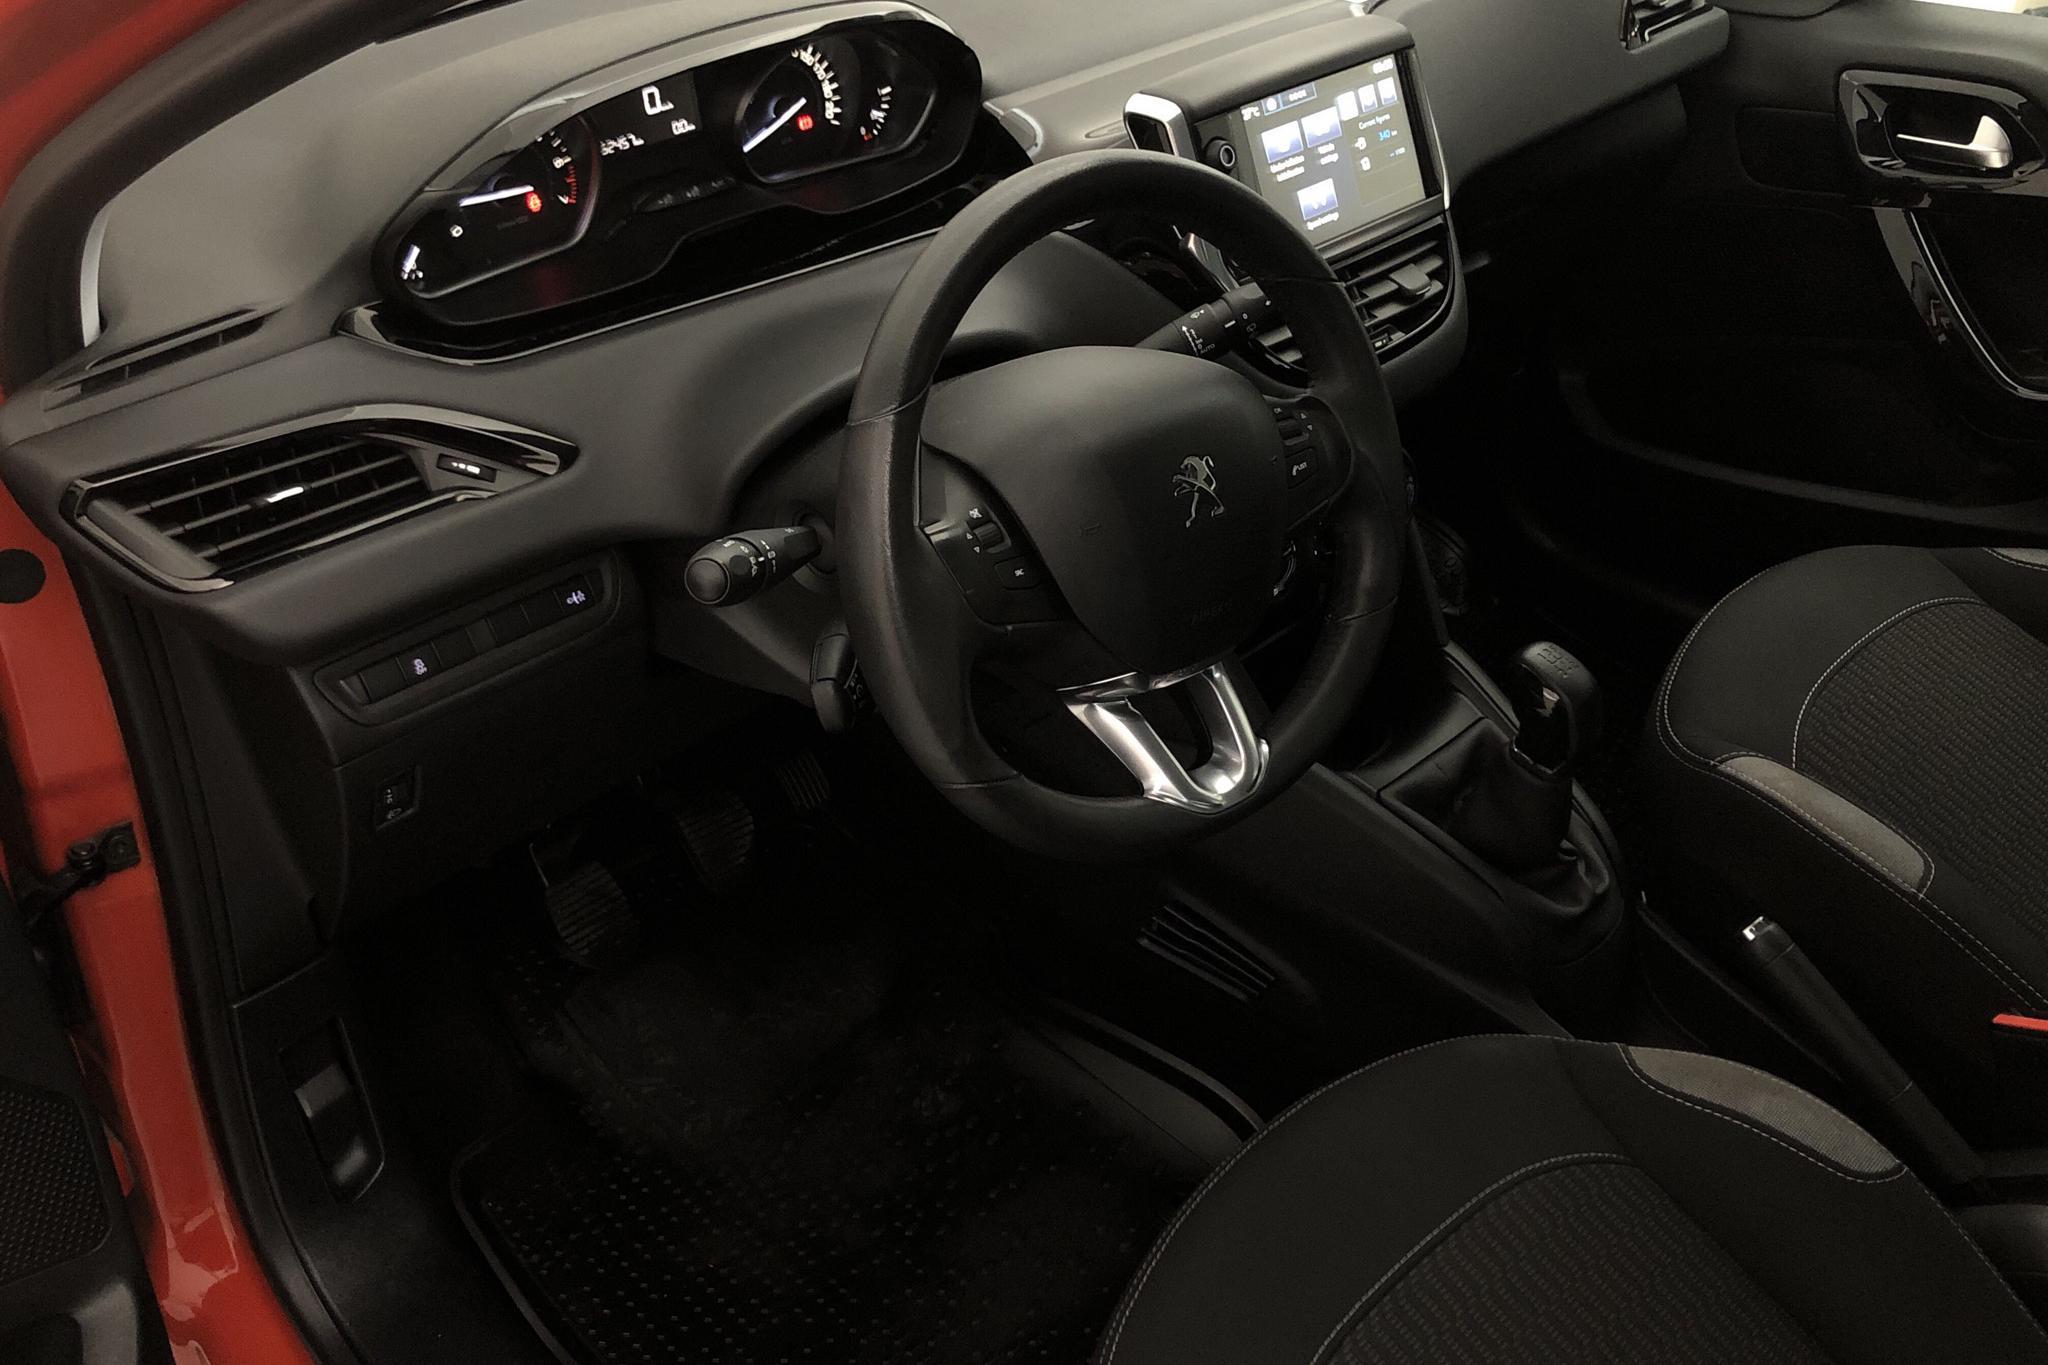 Peugeot 208 PureTech 5dr (82hk) - 5 246 mil - Manuell - 2016